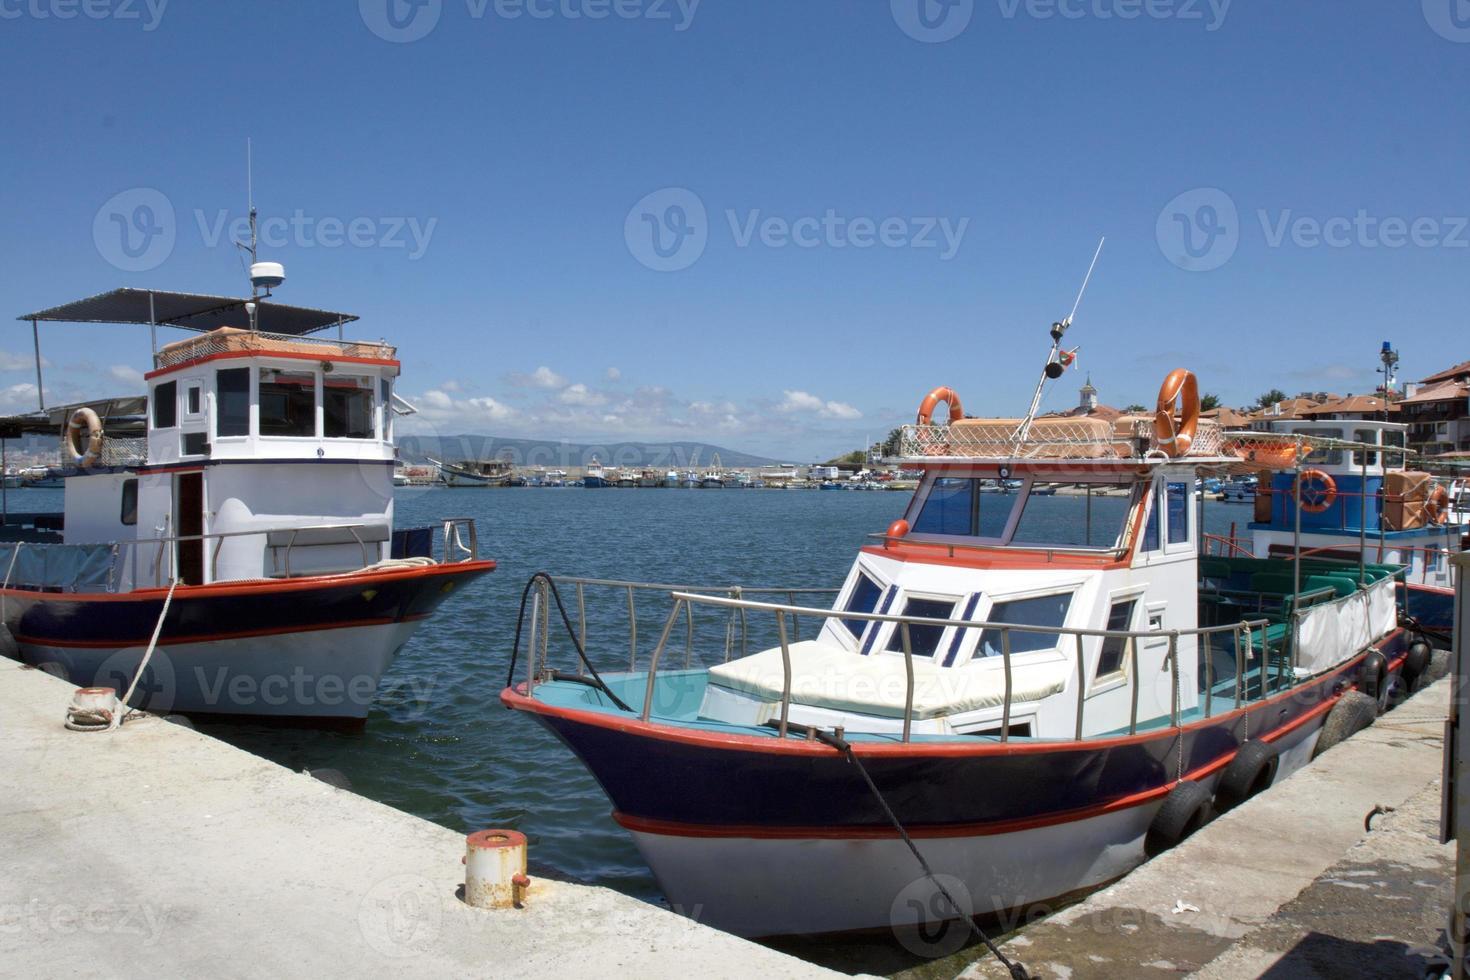 bateaux de plaisance marins à l'embarcadère photo